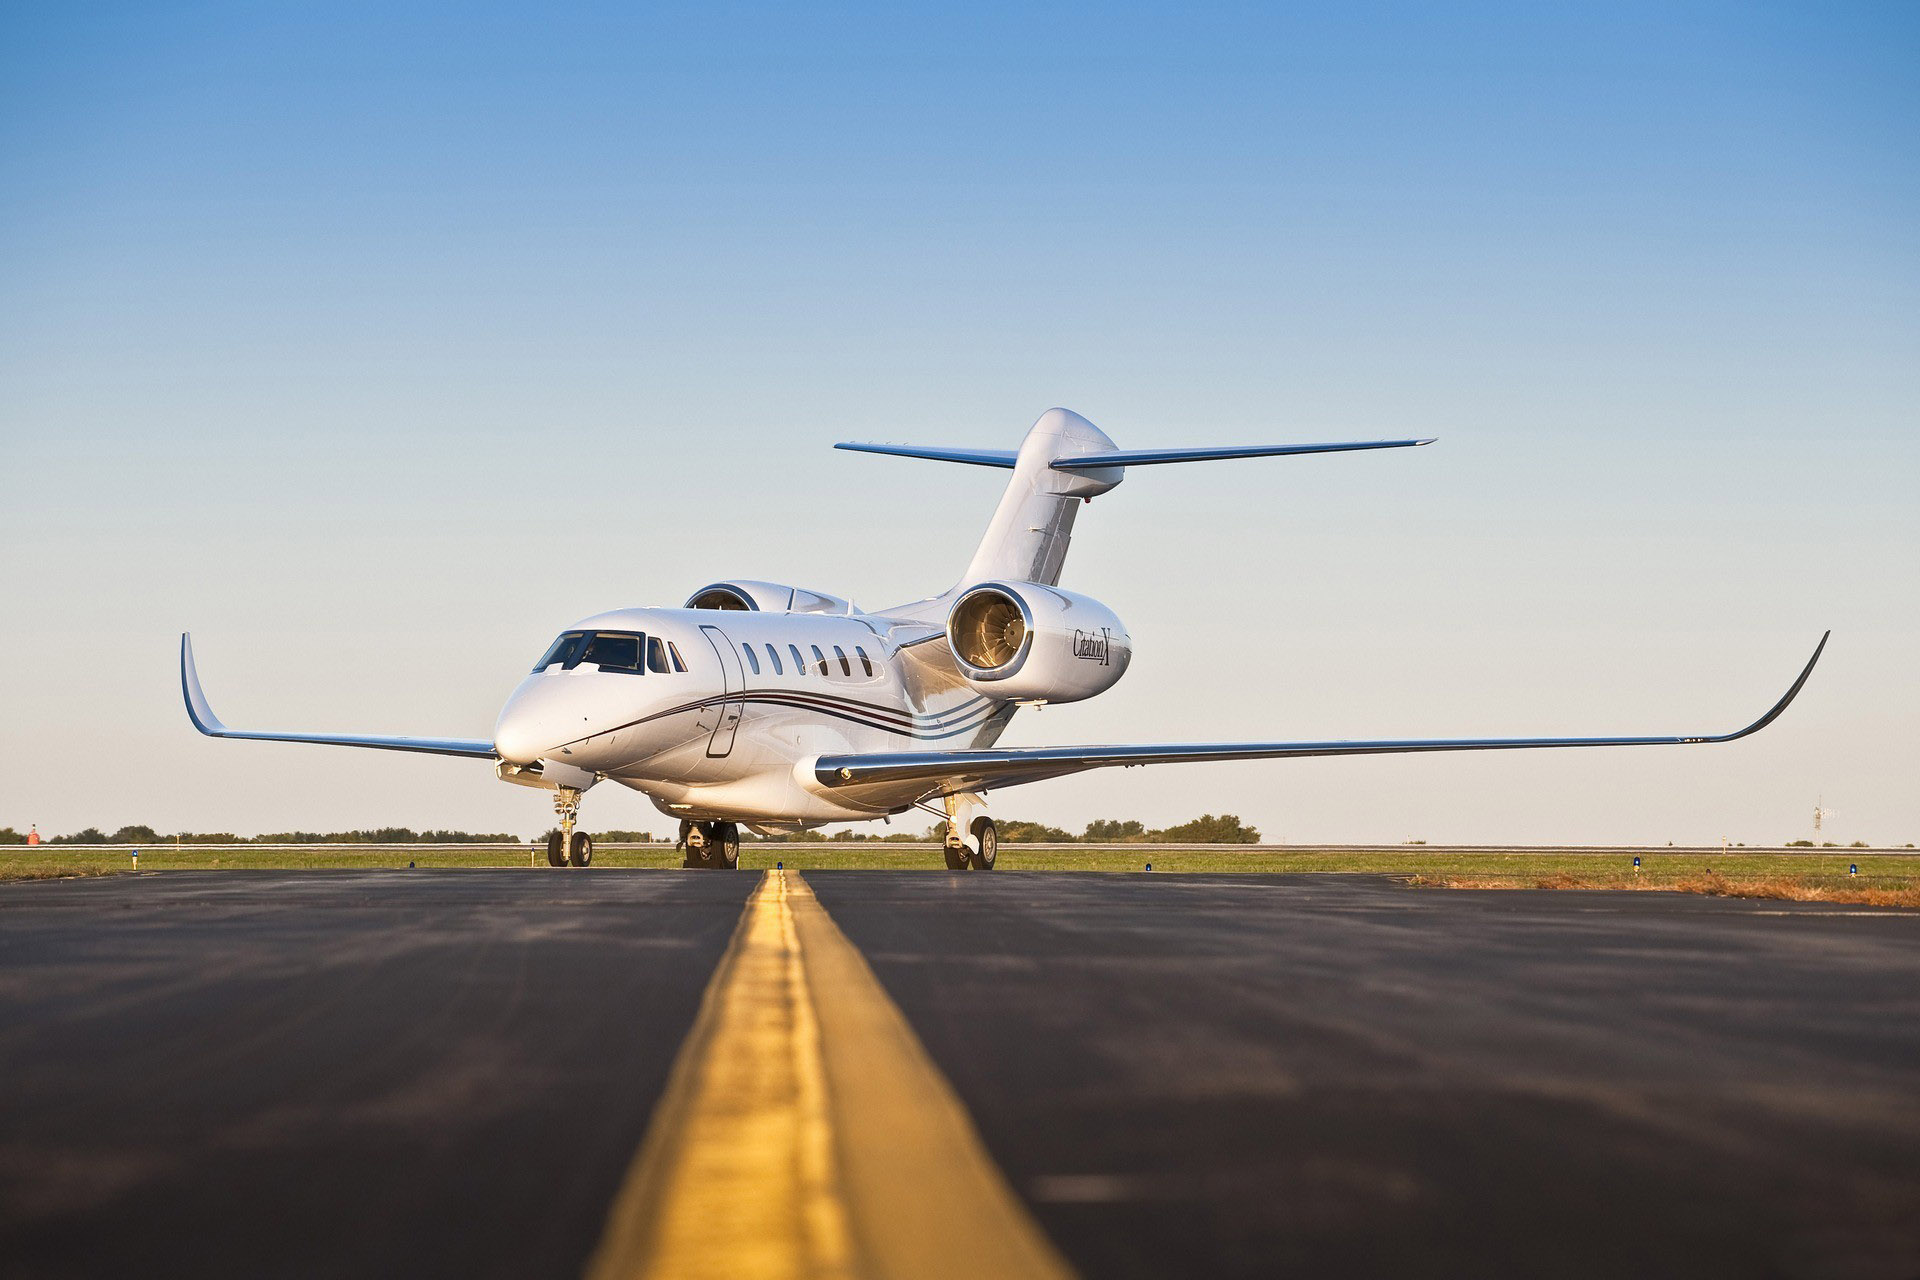 عکس هواپیما با کیفیت بالا